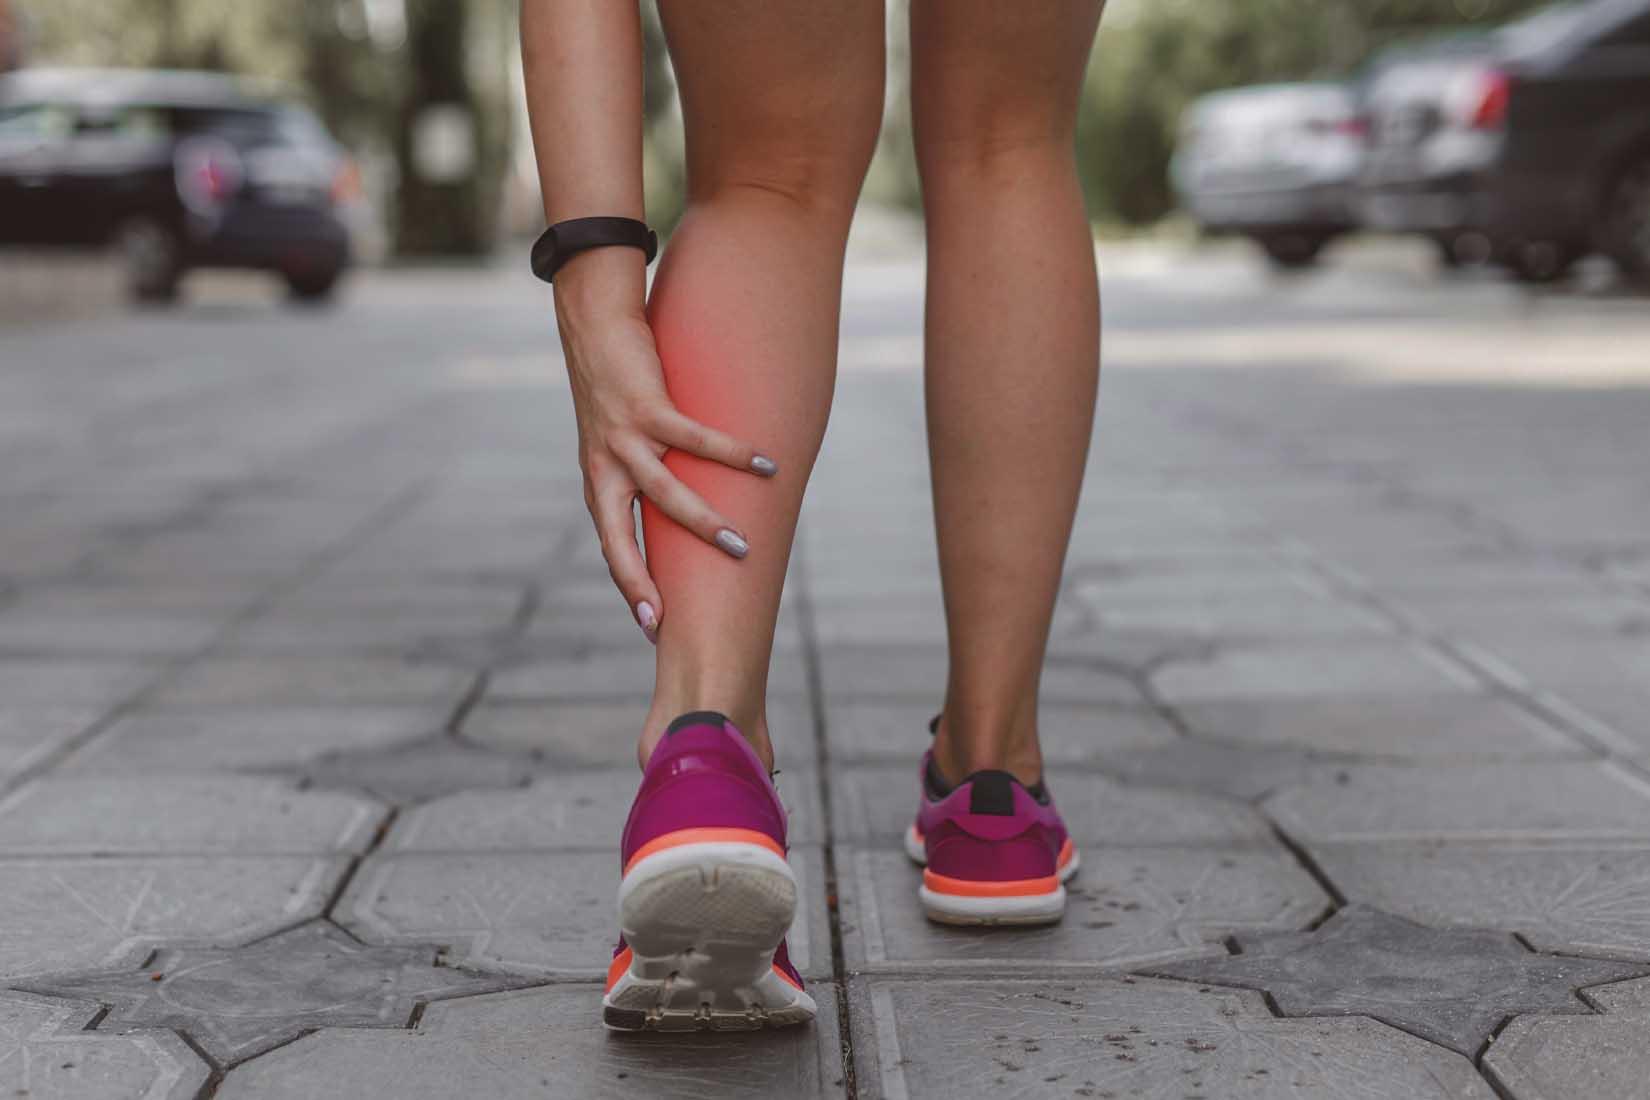 foto articolo migliori scarpe per prevenire tendinite achillea